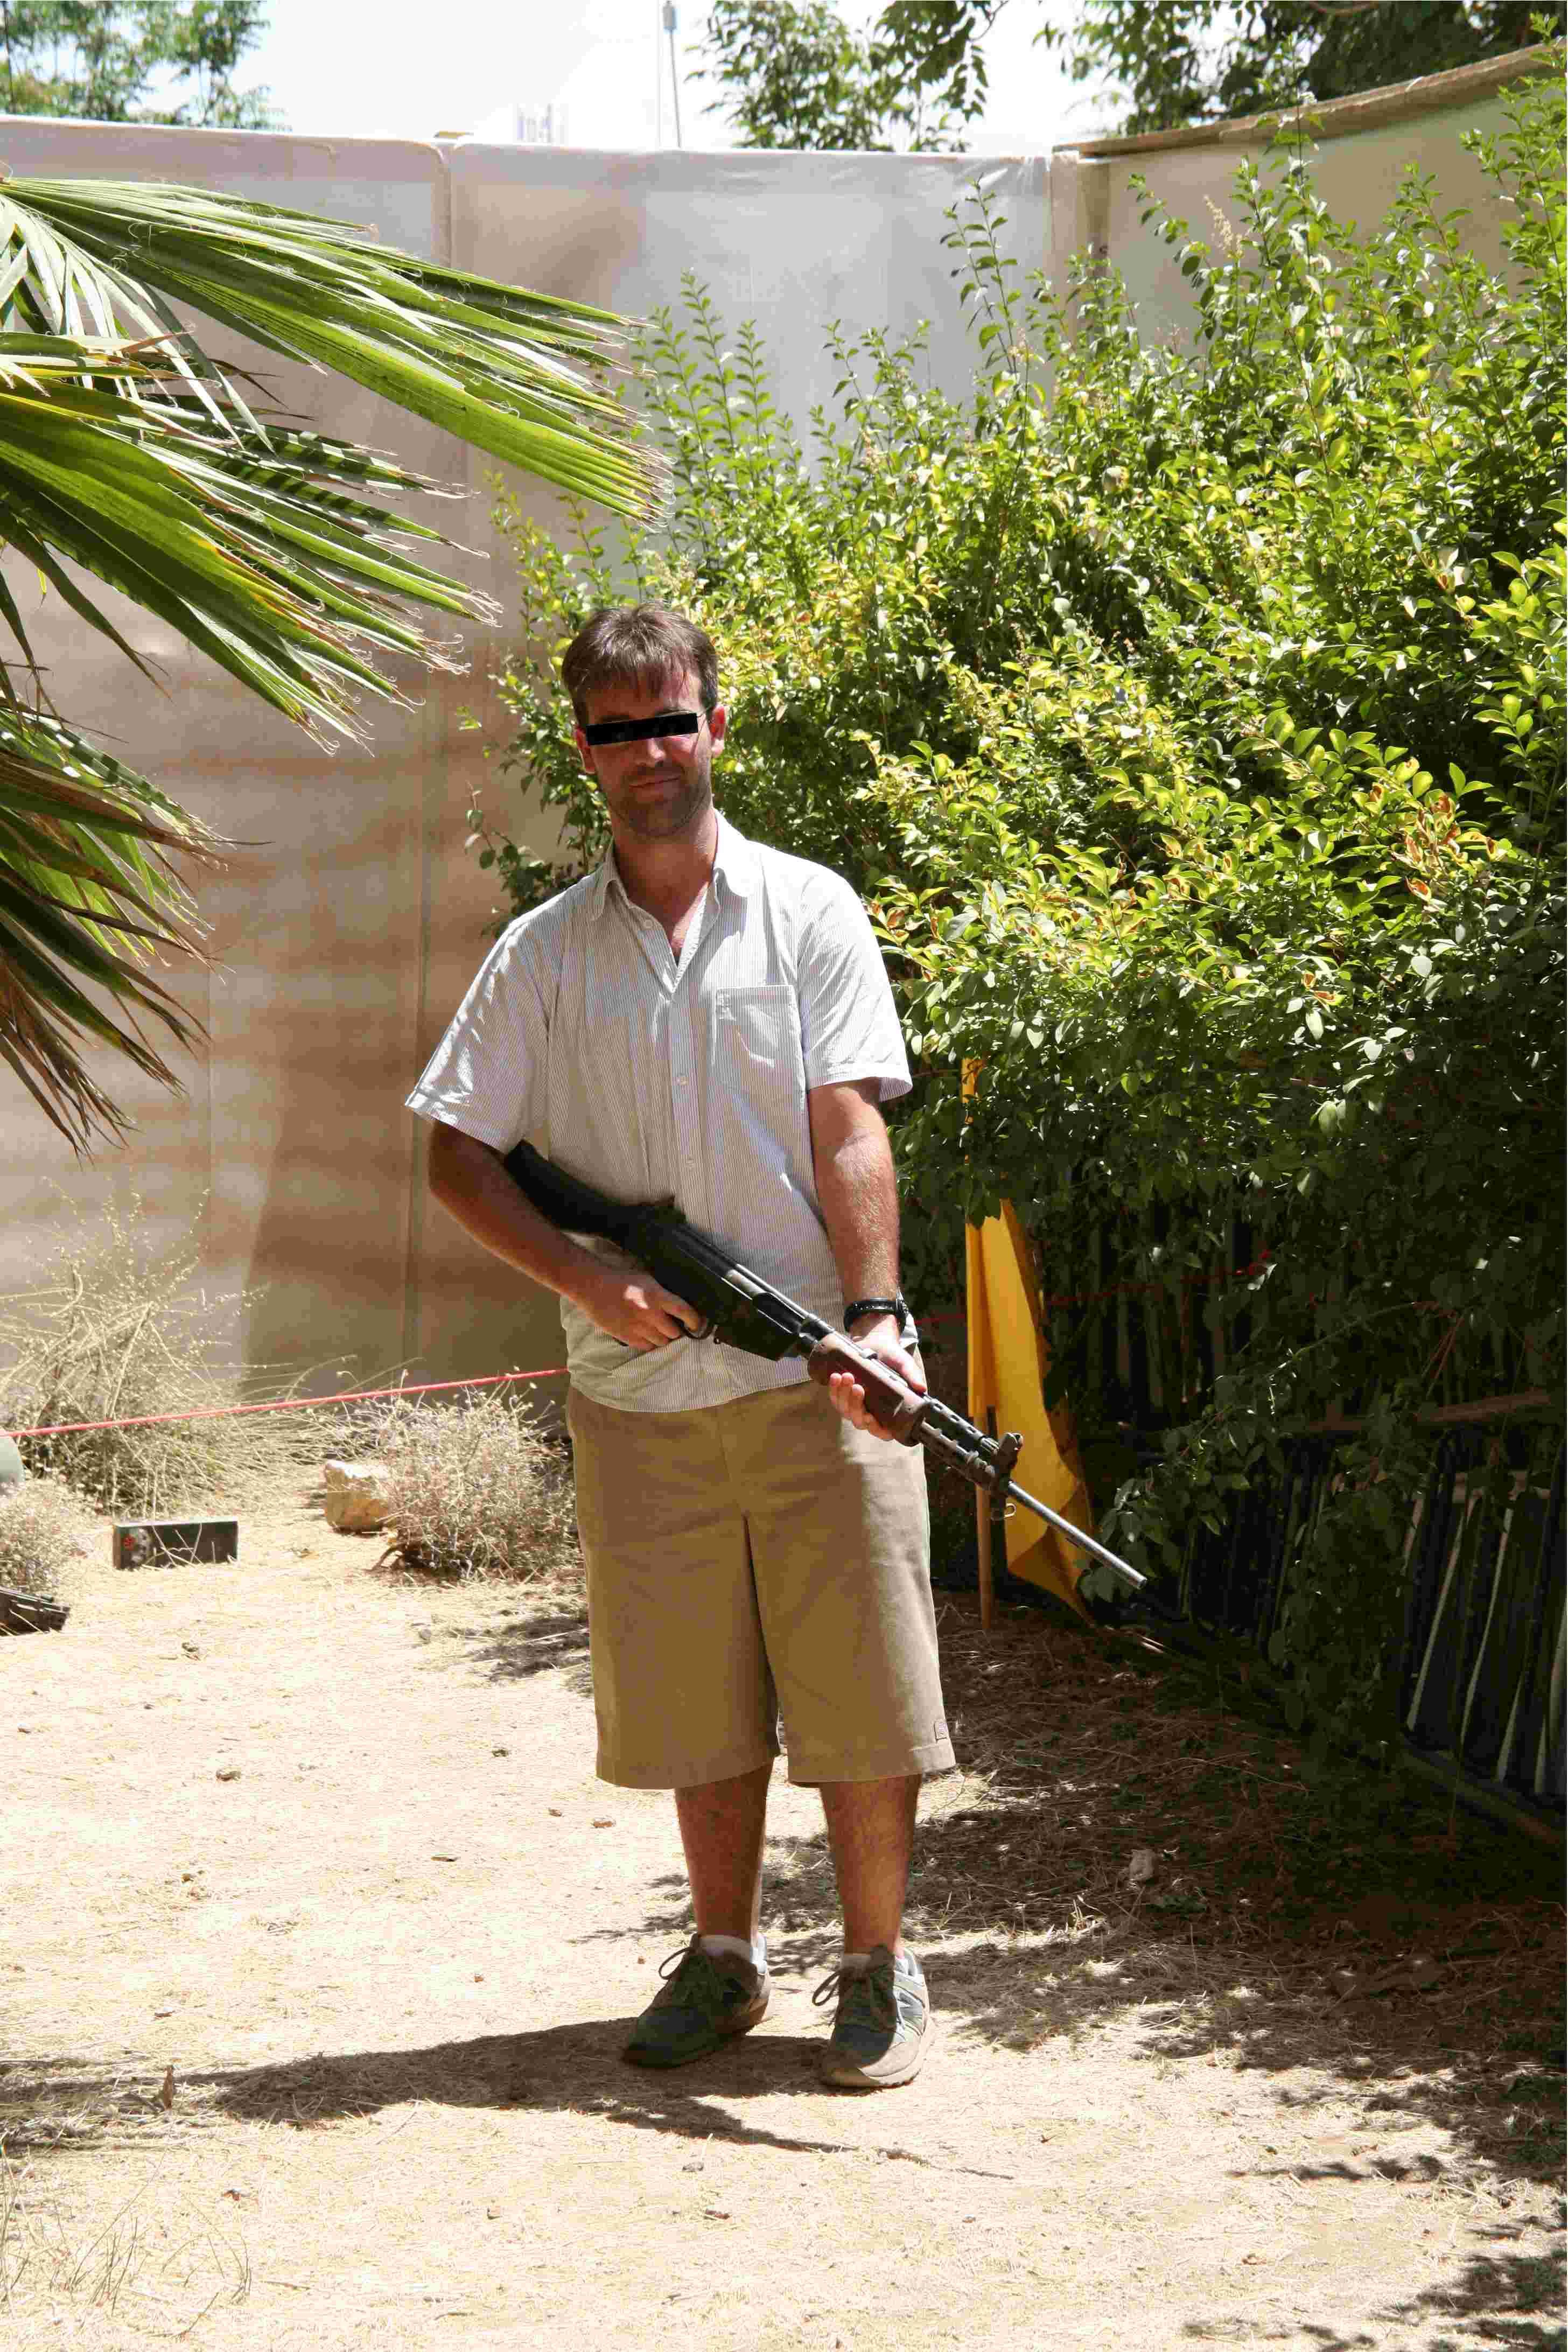 Fotografiarse con un rifle de asalto es una de las atracciones del parque de Hezbolá